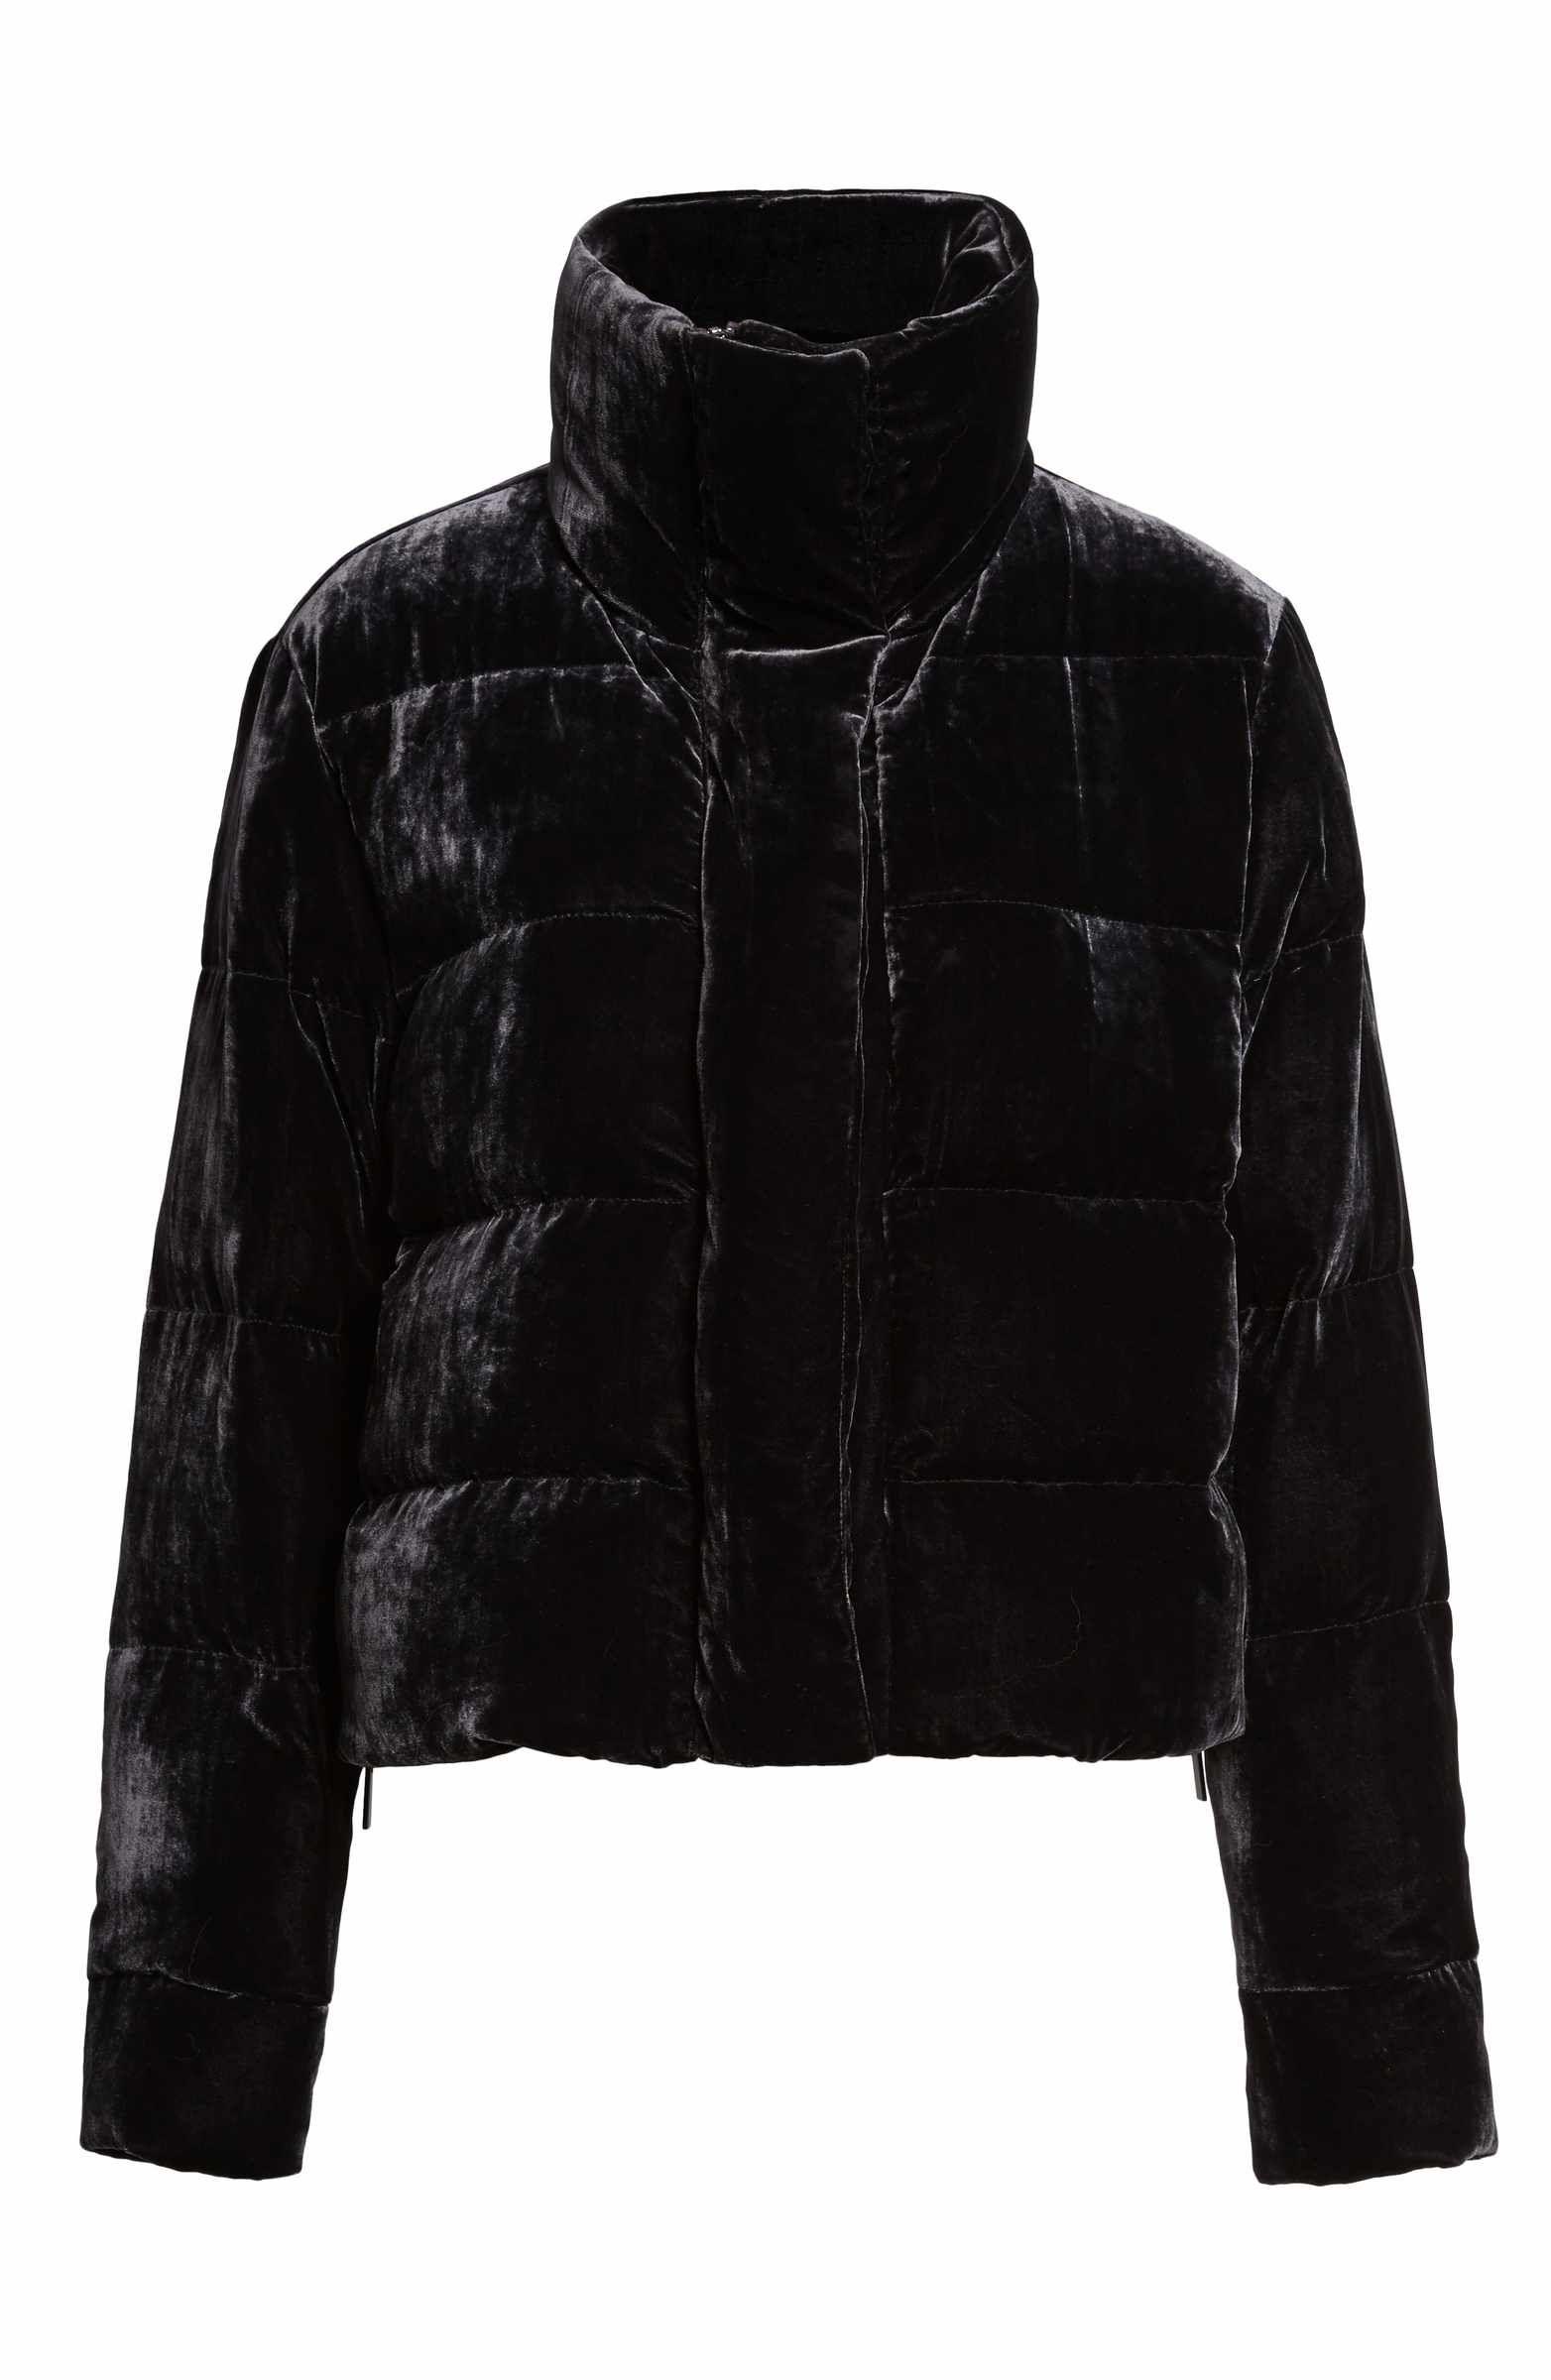 Lewit Velvet Puffer Jacket Nordstrom Jackets Puffer Jackets Puffer [ 2400 x 1564 Pixel ]